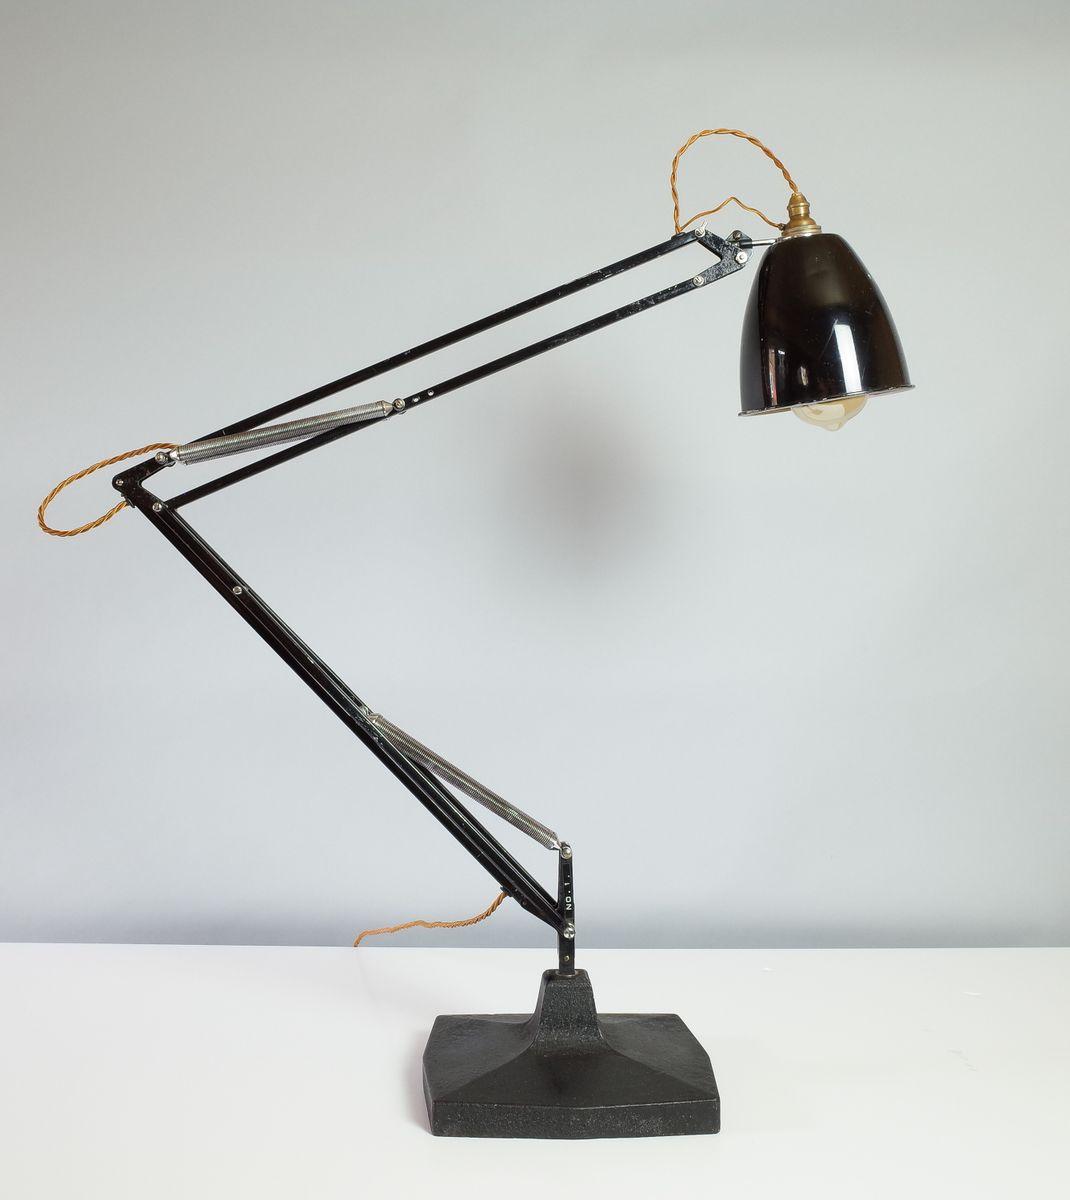 Schwarze 1209 Bogenlampe von George Carwardine für Herbert Terry & Son...